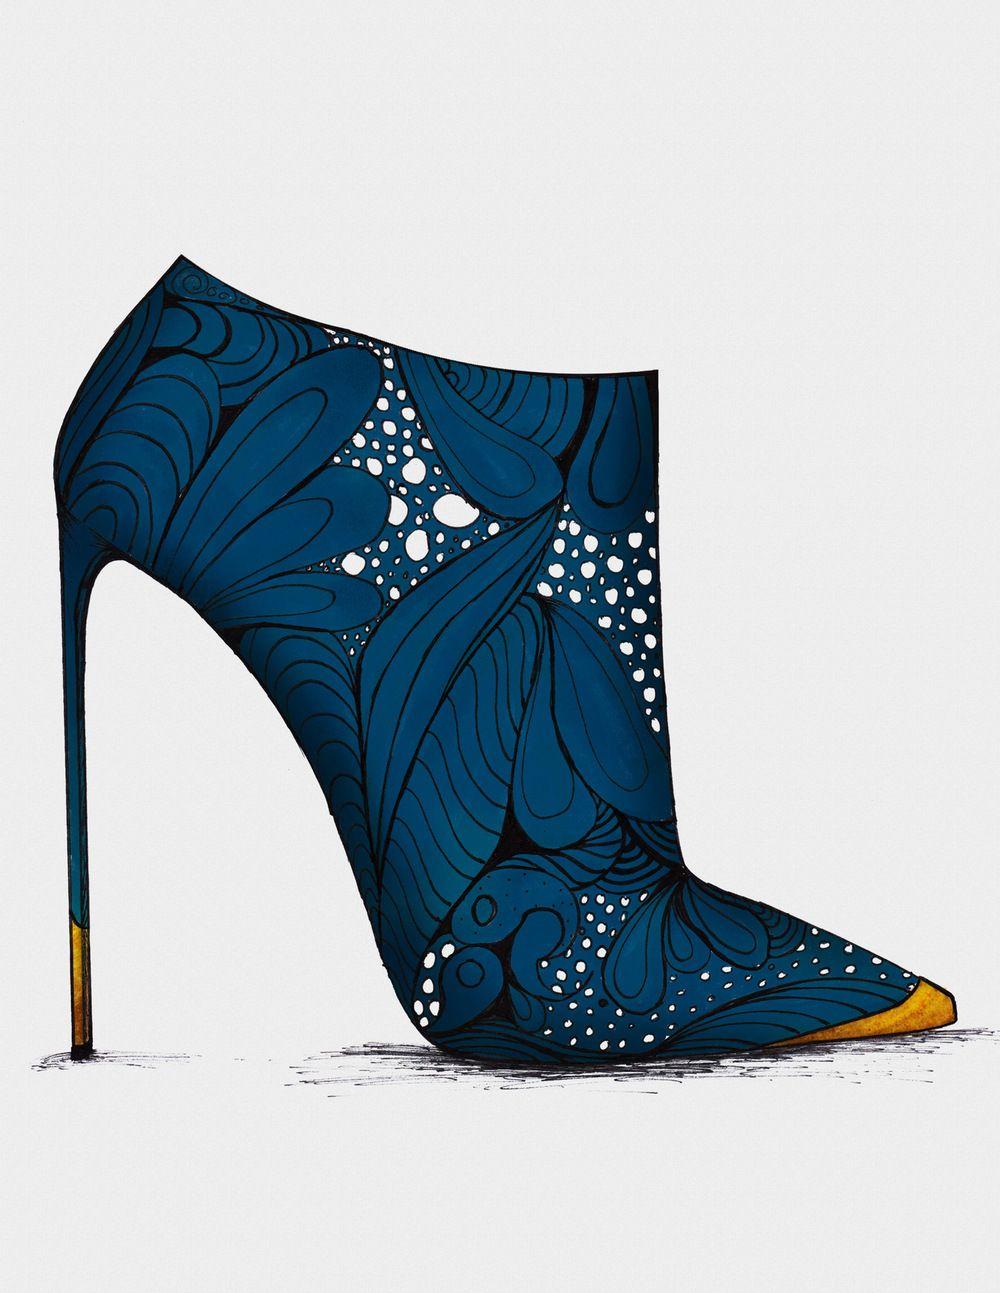 Guillaume Bergen | Modèle De Chaussure, Dessin Chaussure destiné Dessin De Chaussure A Talon